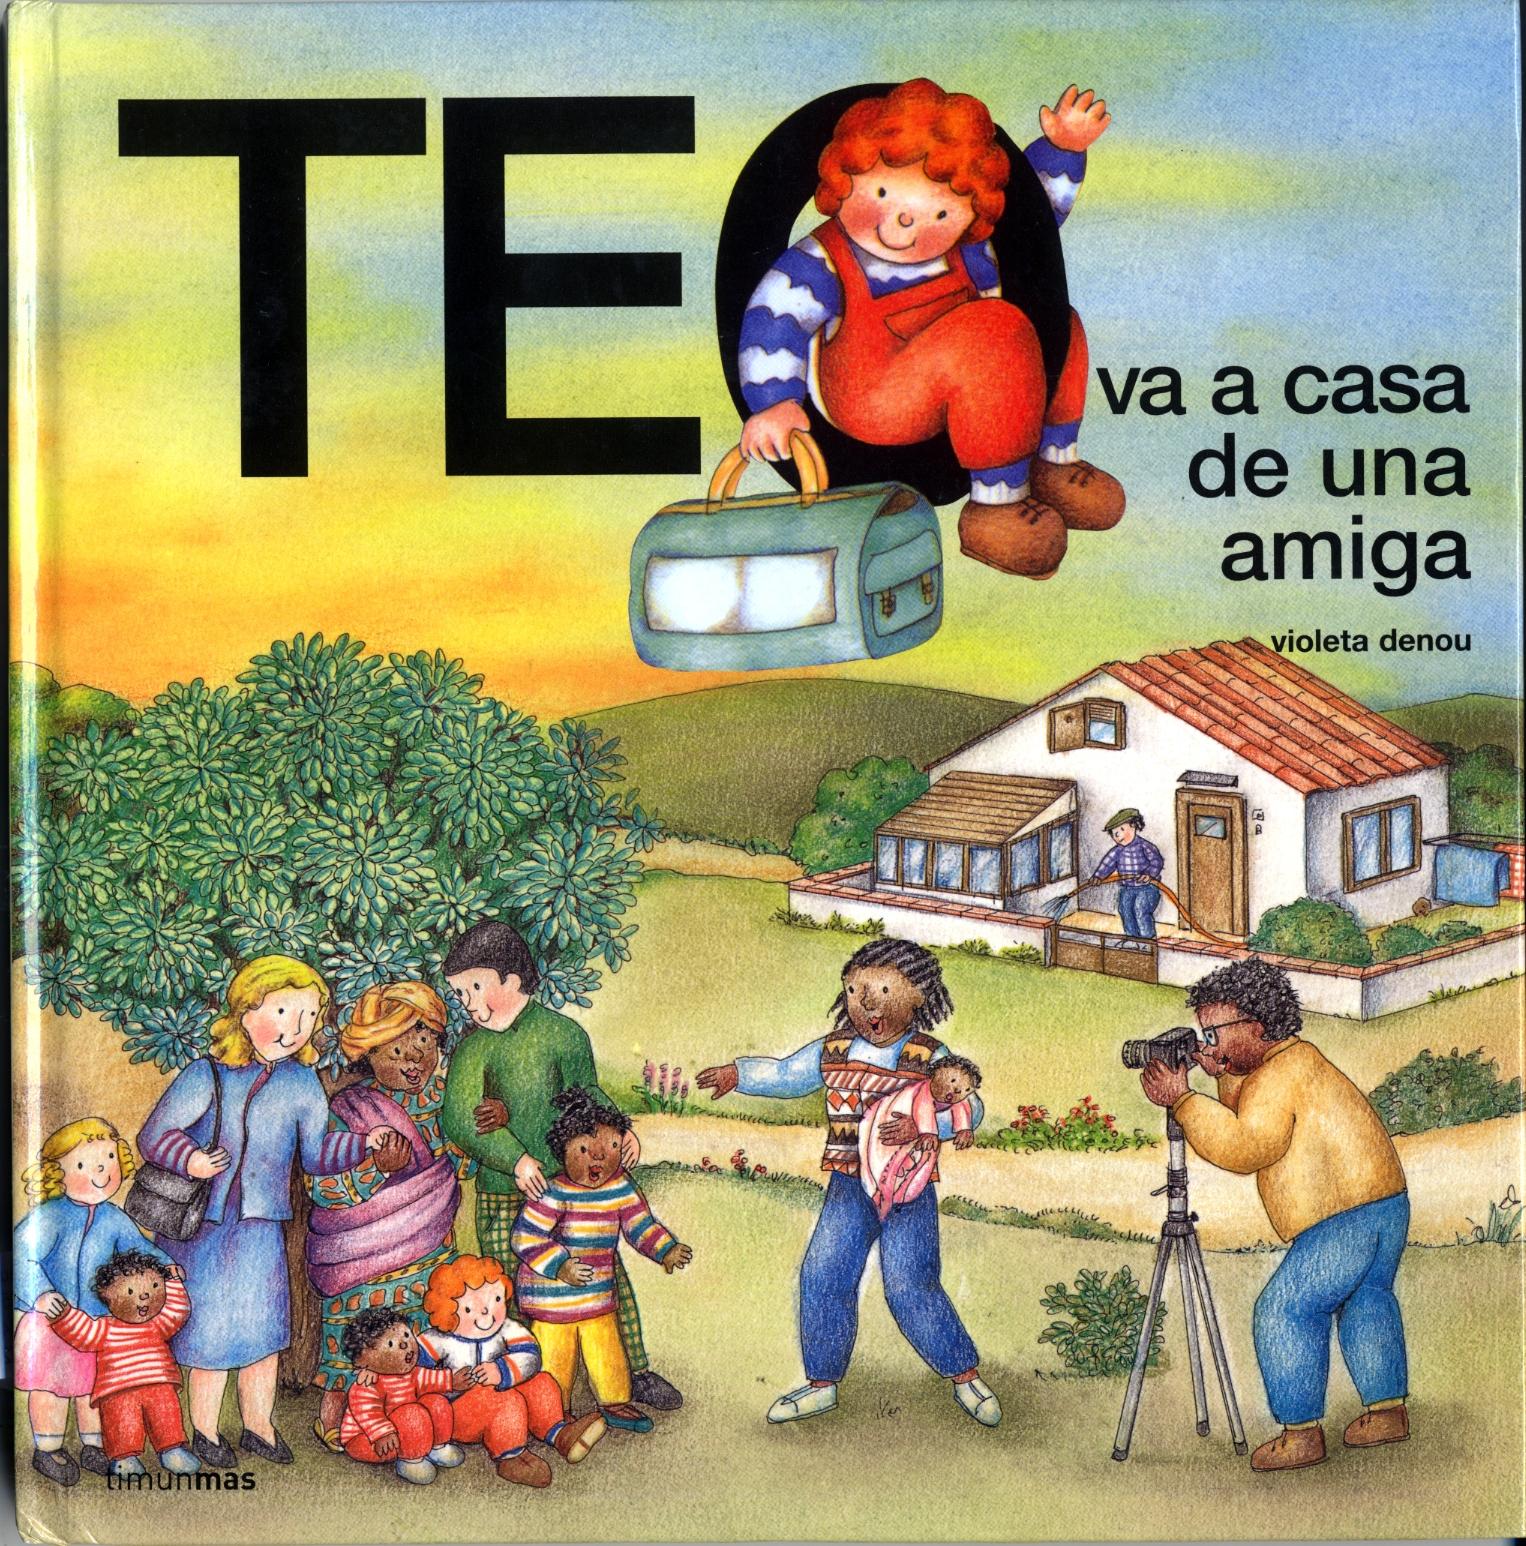 ABC de nombres Teo_va_a_casa_de_una_amiga